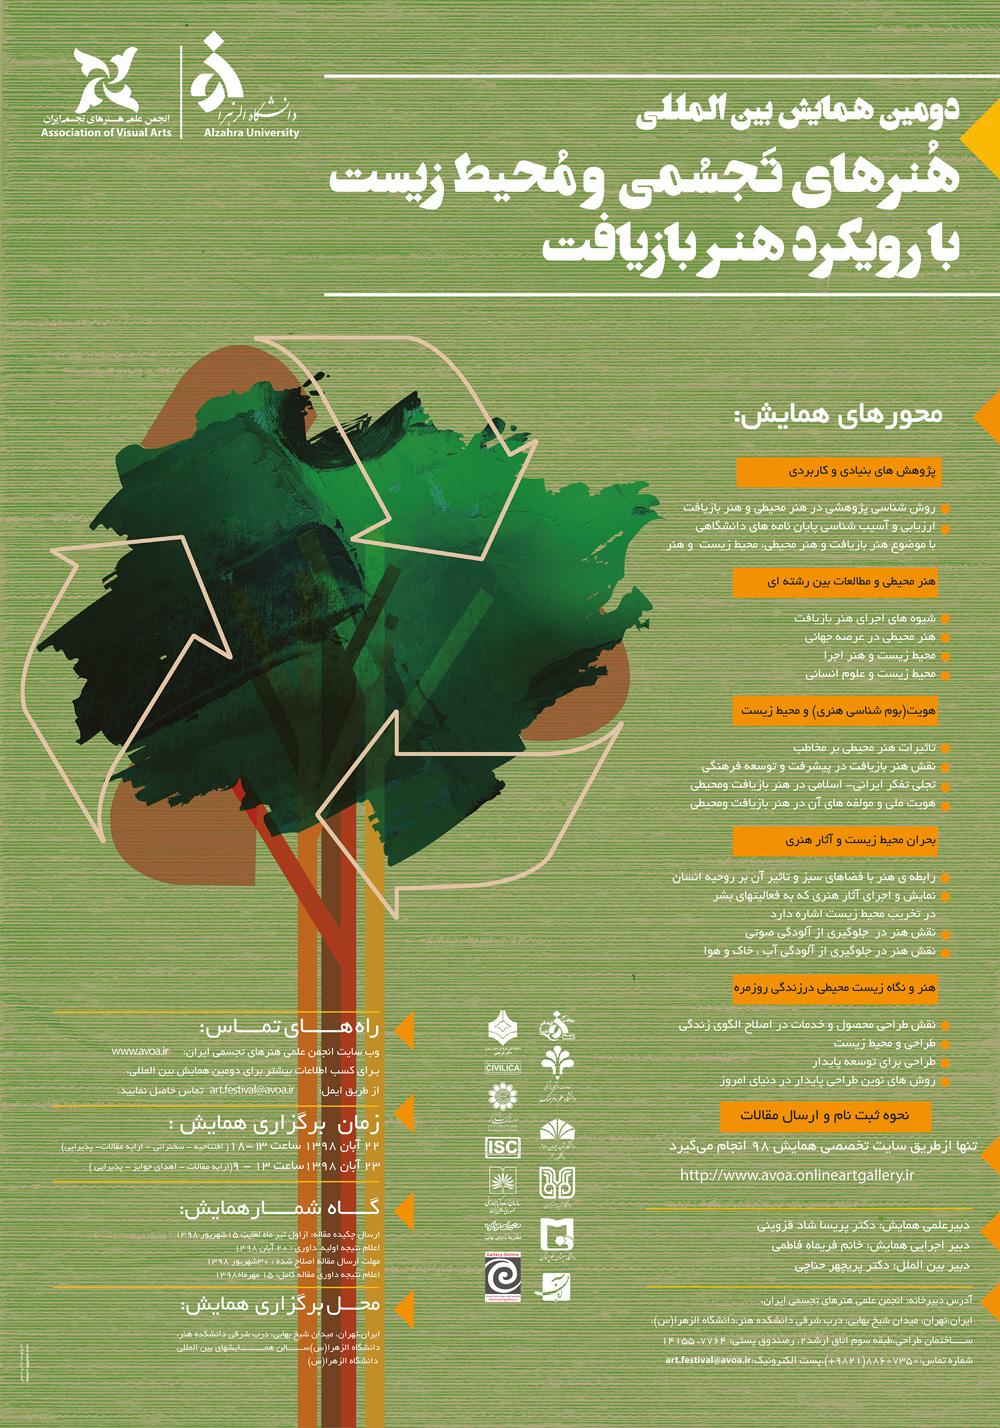 دومین همایش بین المللی هنرهای تجسمی و محیط زیست با رویکرد هنر بازیافت